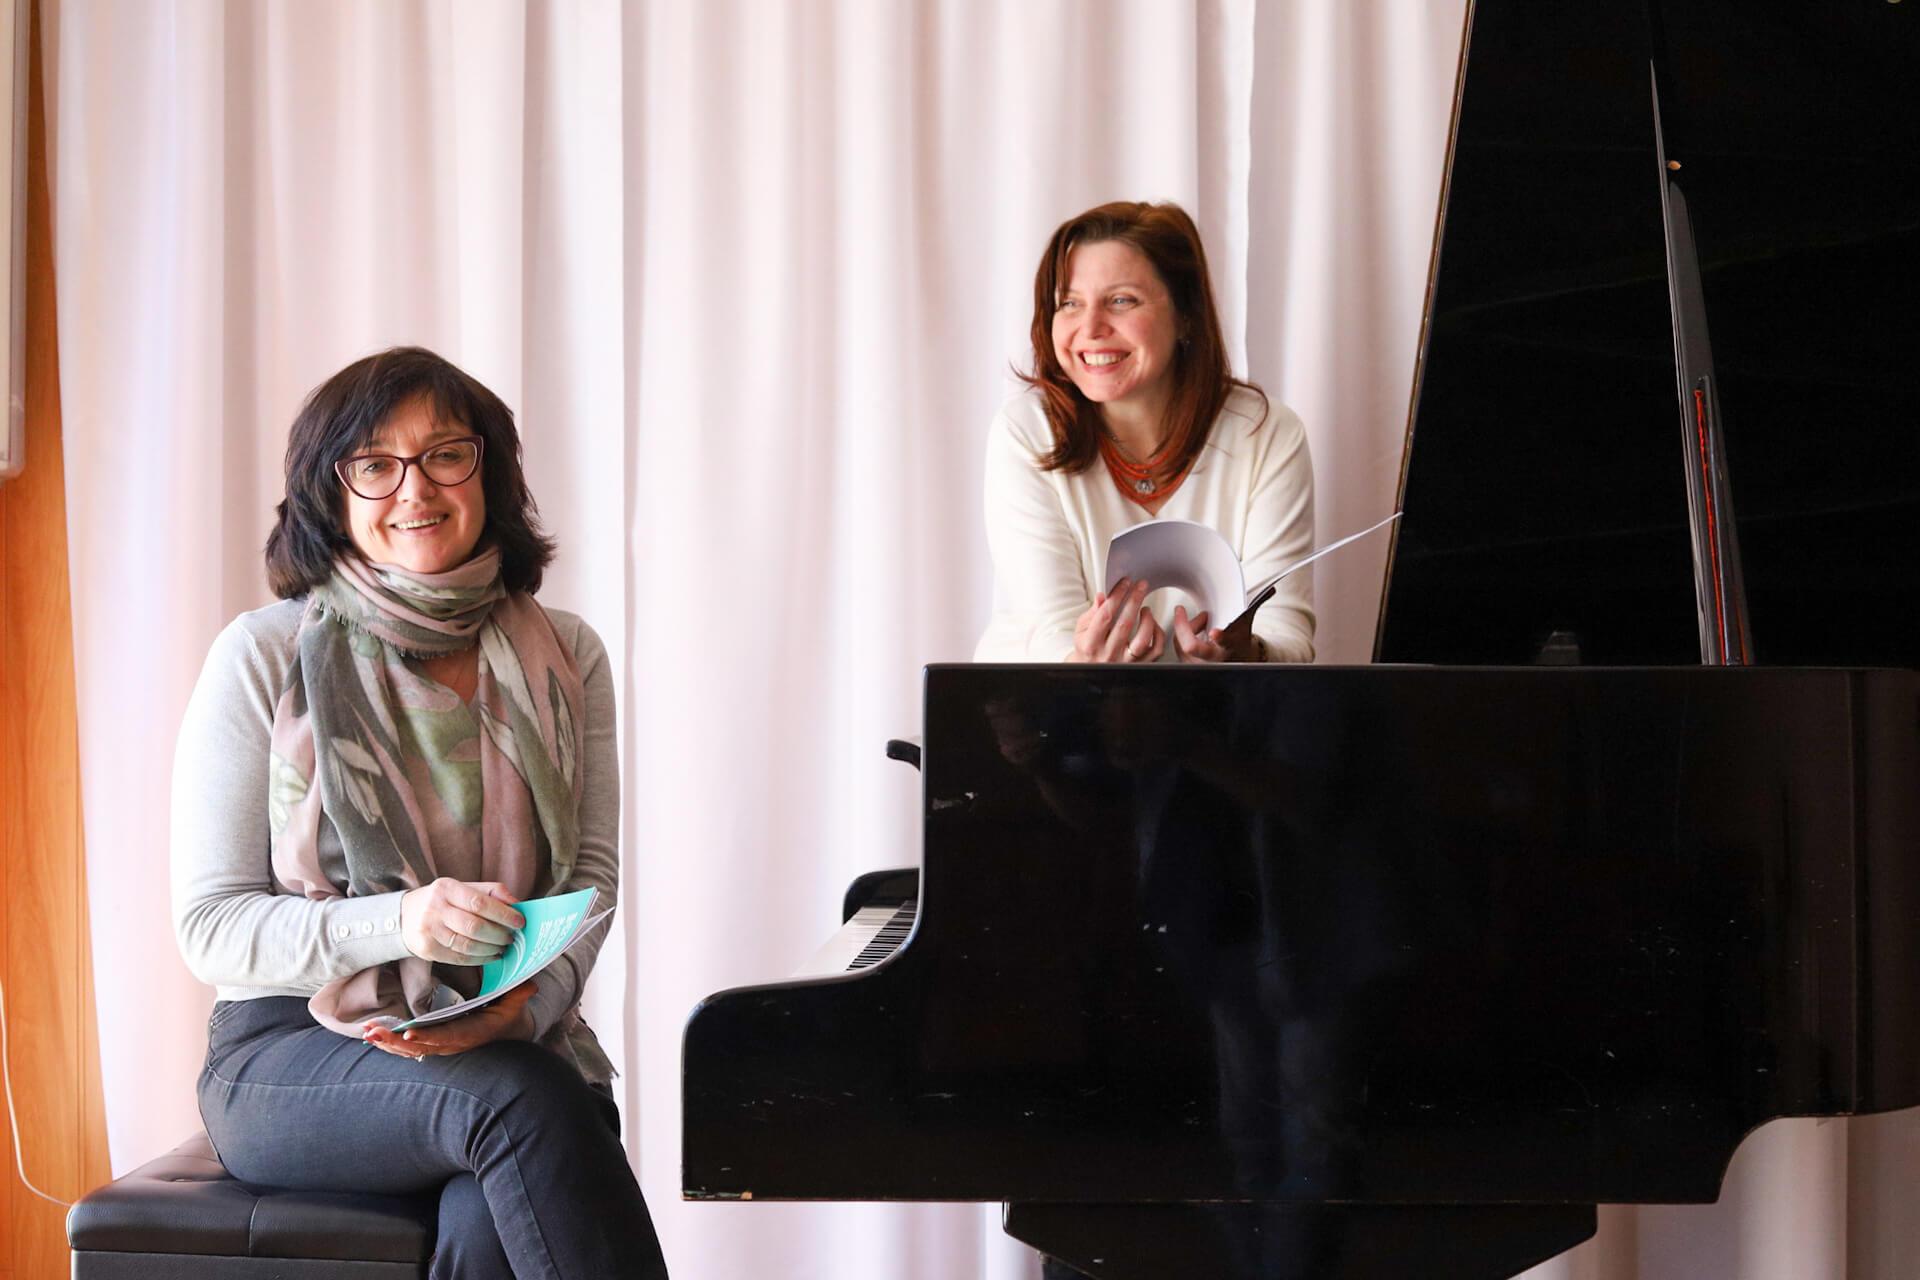 Формула музики зі смаком любові від Тетяни Мандрусяк та Станіслави Родіної